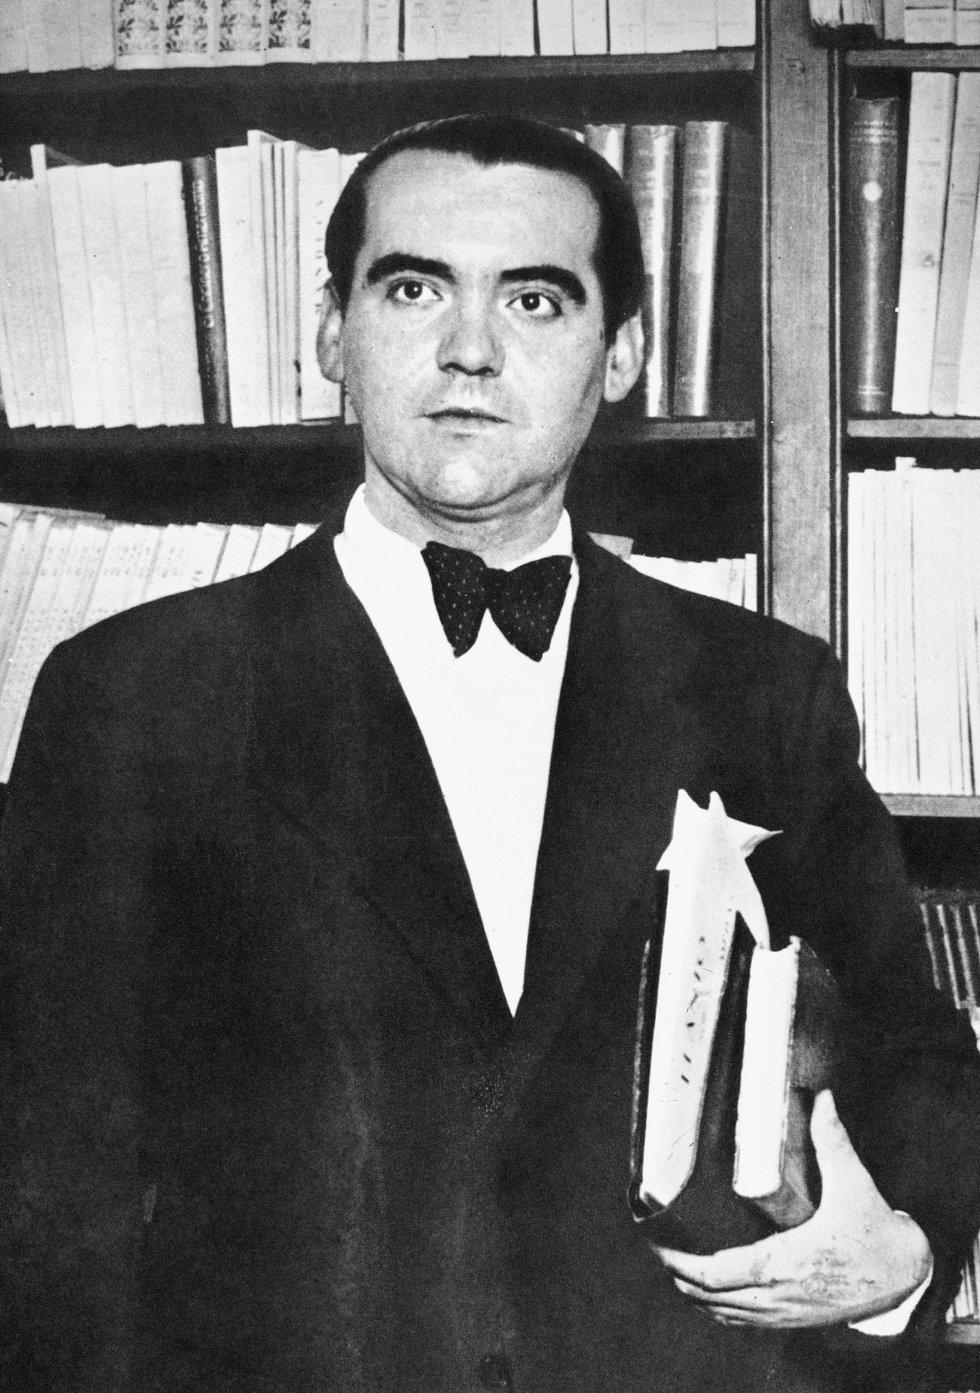 """El poeta vivió el 'crash' del 29 en Nueva York. En una conferencia-recital ofrecida en 1932, Lorca recordó las sensaciones que el desastre financiero provocó en él: """"Lo impresionante por frío y cruel es Wall Street. Llega el oro en ríos de todas las partes de la tierra y la muerte llega con él""""."""